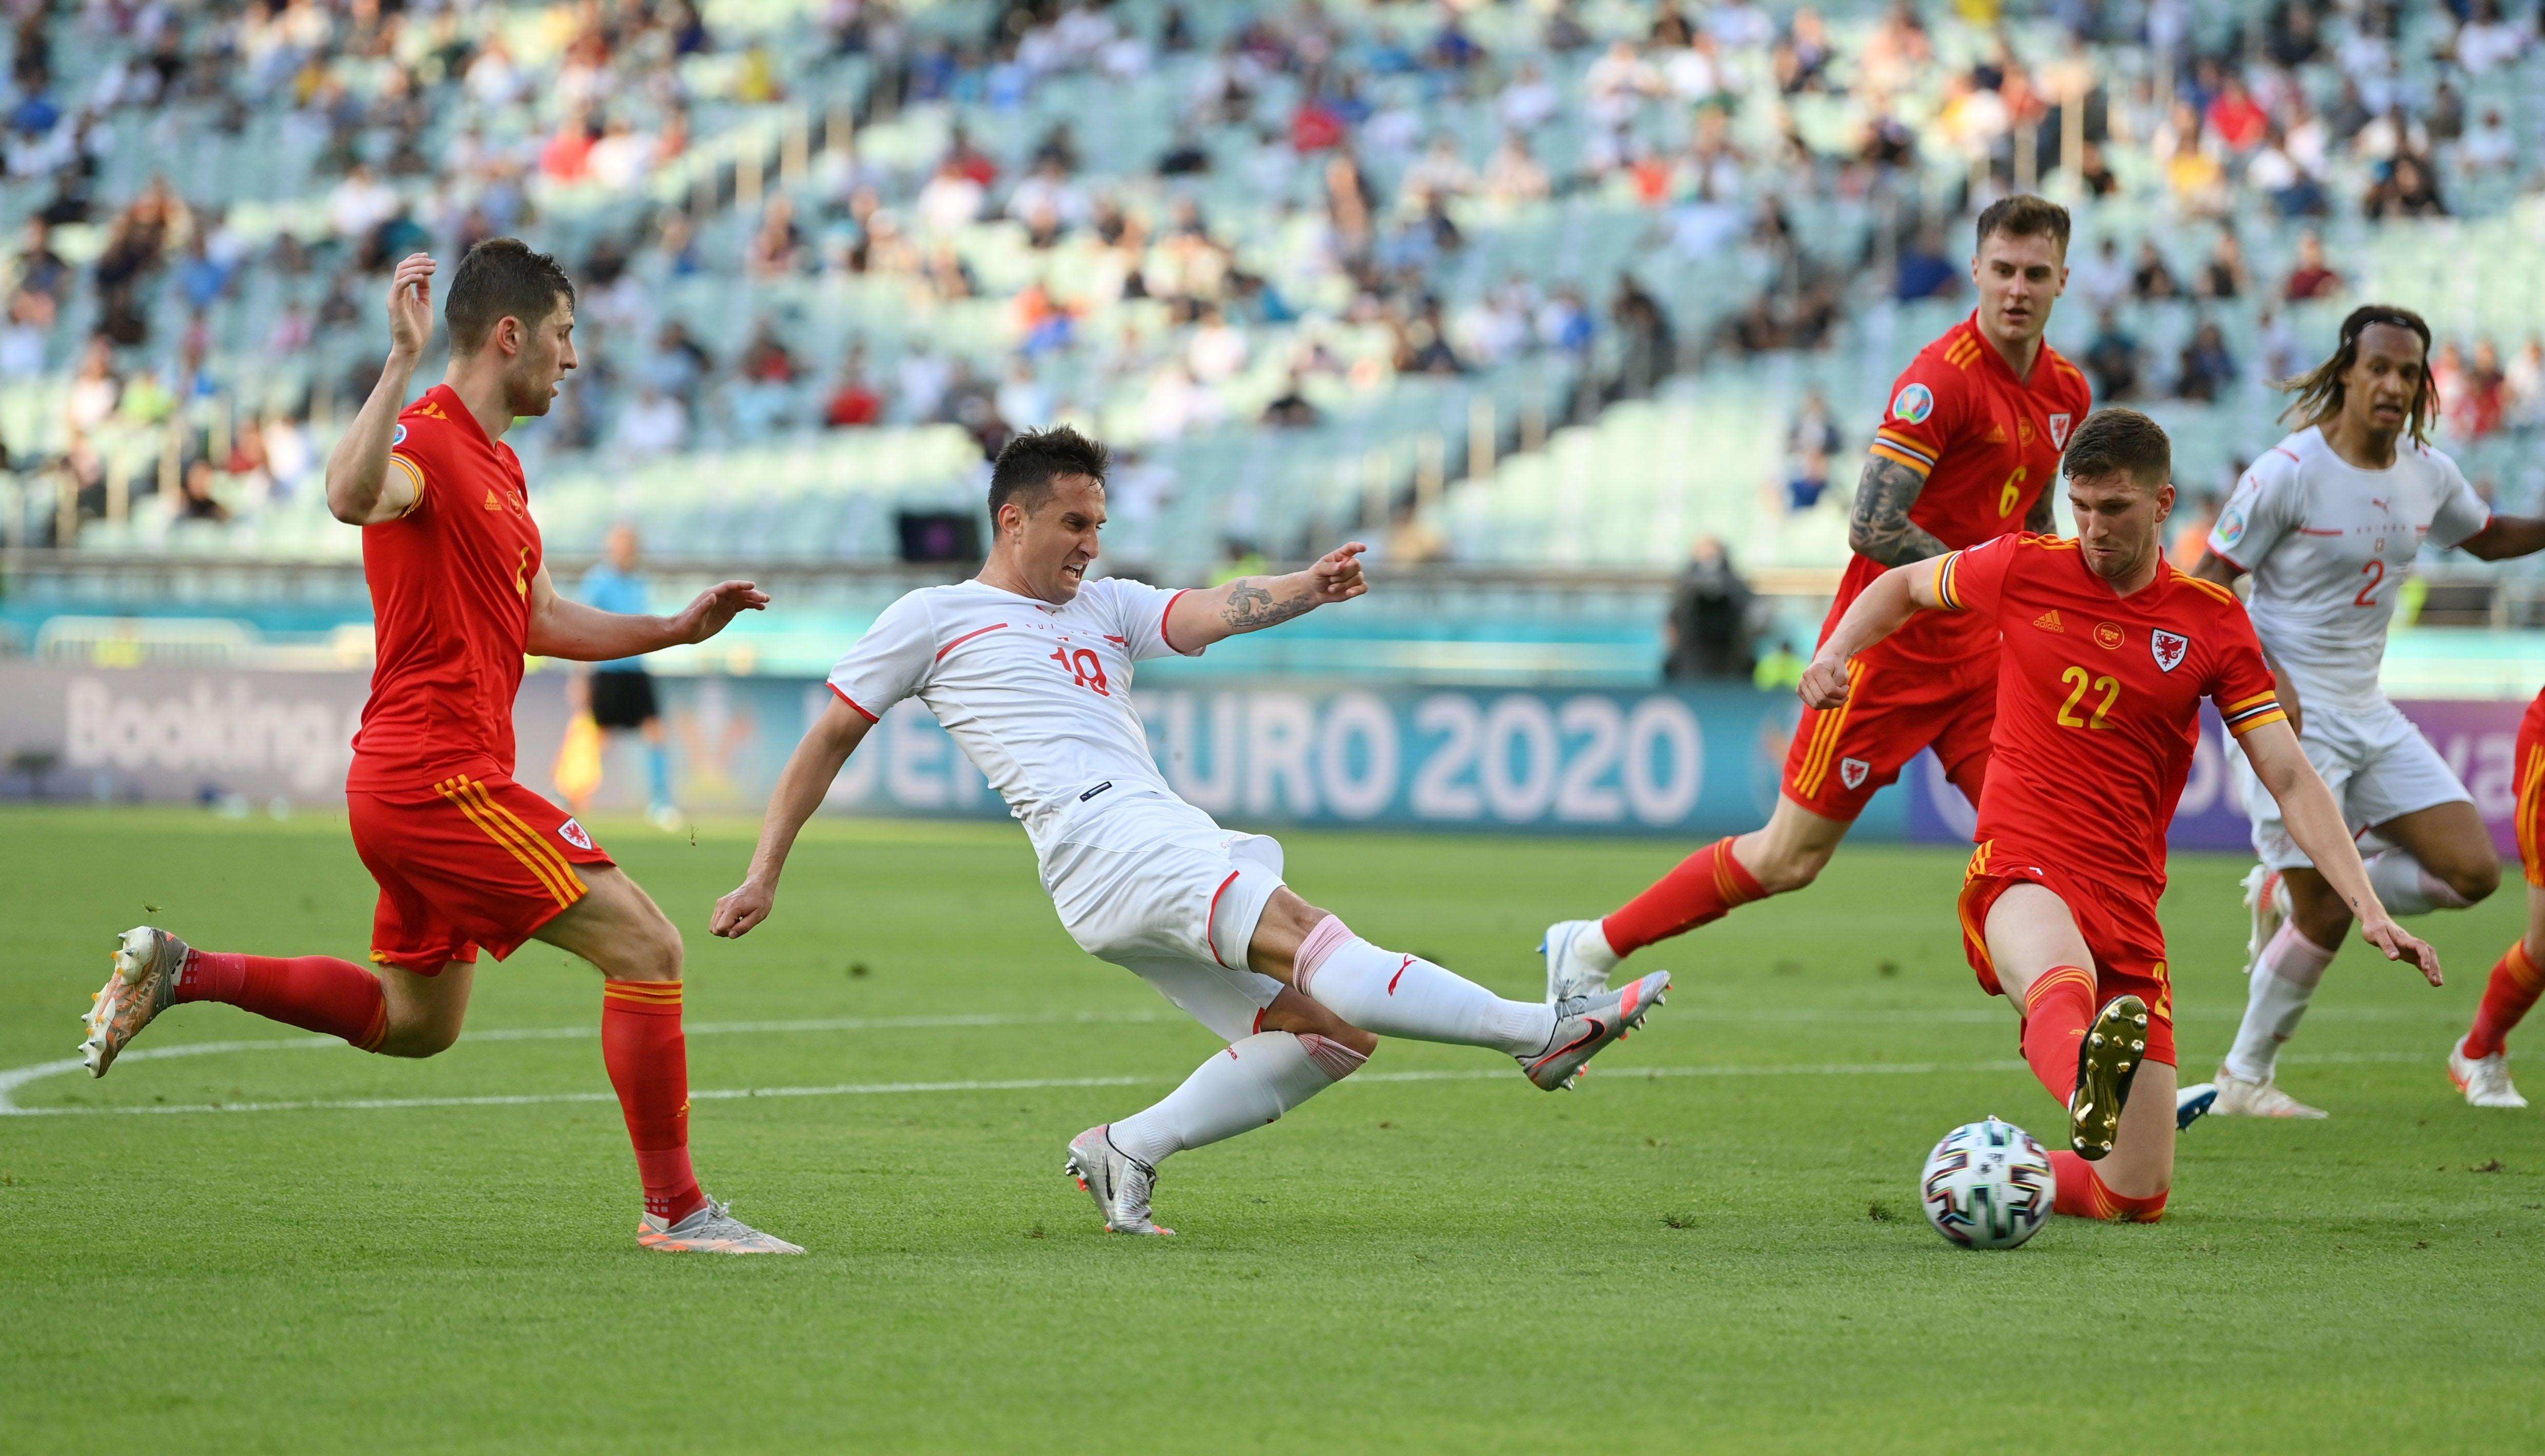 Gales y Suiza igualaron en el estadio Olímpico de Bakú (Foto: REUTERS)